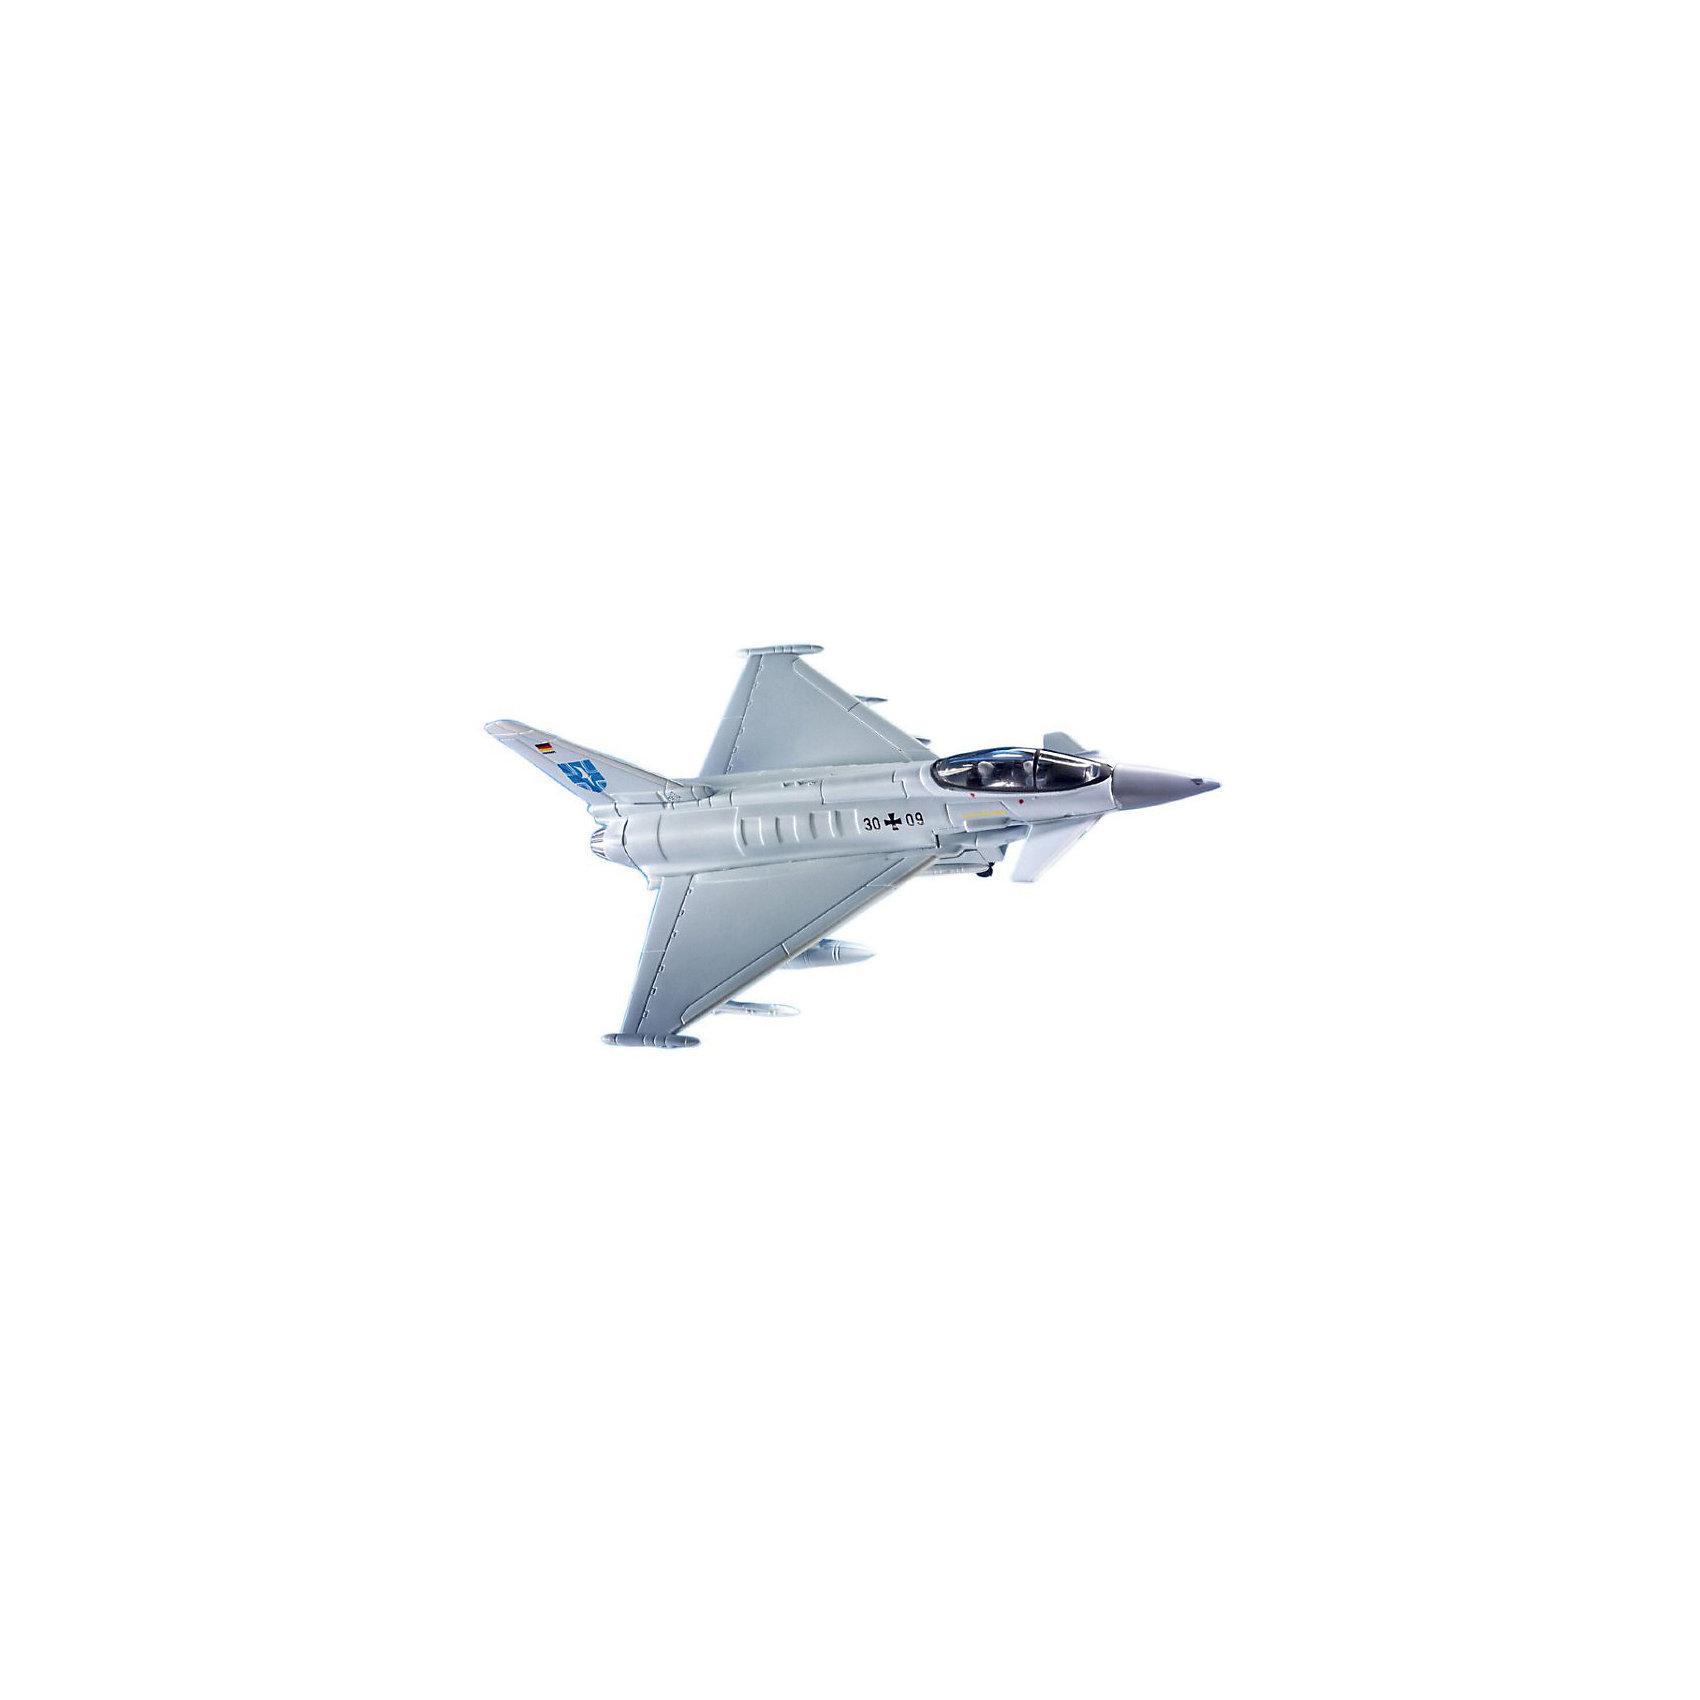 Сборка самолет Eurofighter (1/100)Модели для склеивания<br>Характеристики товара:<br><br>• возраст: от 6 лет;<br>• масштаб: 1:100;<br>• количество деталей: 22 шт;<br>• материал: пластик; <br>• клей и краски в комплект не входят;<br>• габариты модели: 16,1х13,1 см;<br>• бренд, страна бренда: Revell (Ревел),Германия;<br>• страна-изготовитель: Польша.<br><br>Сборная модель «Самолет Eurofighter» поможет вам и вашему ребенку придумать увлекательное занятие на долгое время и получить игрушку в виде настоящего военного самолета. Самолет вооружен 27-мм пушкой Маузер BK-27. Кроме того Eurofighter способен нести ракеты и бомбы общим весом в 6500 кг.<br><br>Набор включает в себя 22 пластиковых элемента и подробную инструкцию. Все детали предварительно окрашены, а сама модель собирается без клея, при помощи специальных зажимов. Готовый истребитель украсит стол или книжную полку ребенка. <br><br>Процесс сборки развивает интеллектуальные и инструментальные способности, воображение и конструктивное мышление, а также прививает практические навыки работы со схемами и чертежами.<br><br>Сборную модель «Самолет Eurofighter», 22 дет., Revell (Ревел) можно купить в нашем интернет-магазине.<br><br>Ширина мм: 243<br>Глубина мм: 158<br>Высота мм: 42<br>Вес г: 255<br>Возраст от месяцев: 72<br>Возраст до месяцев: 168<br>Пол: Мужской<br>Возраст: Детский<br>SKU: 1604147